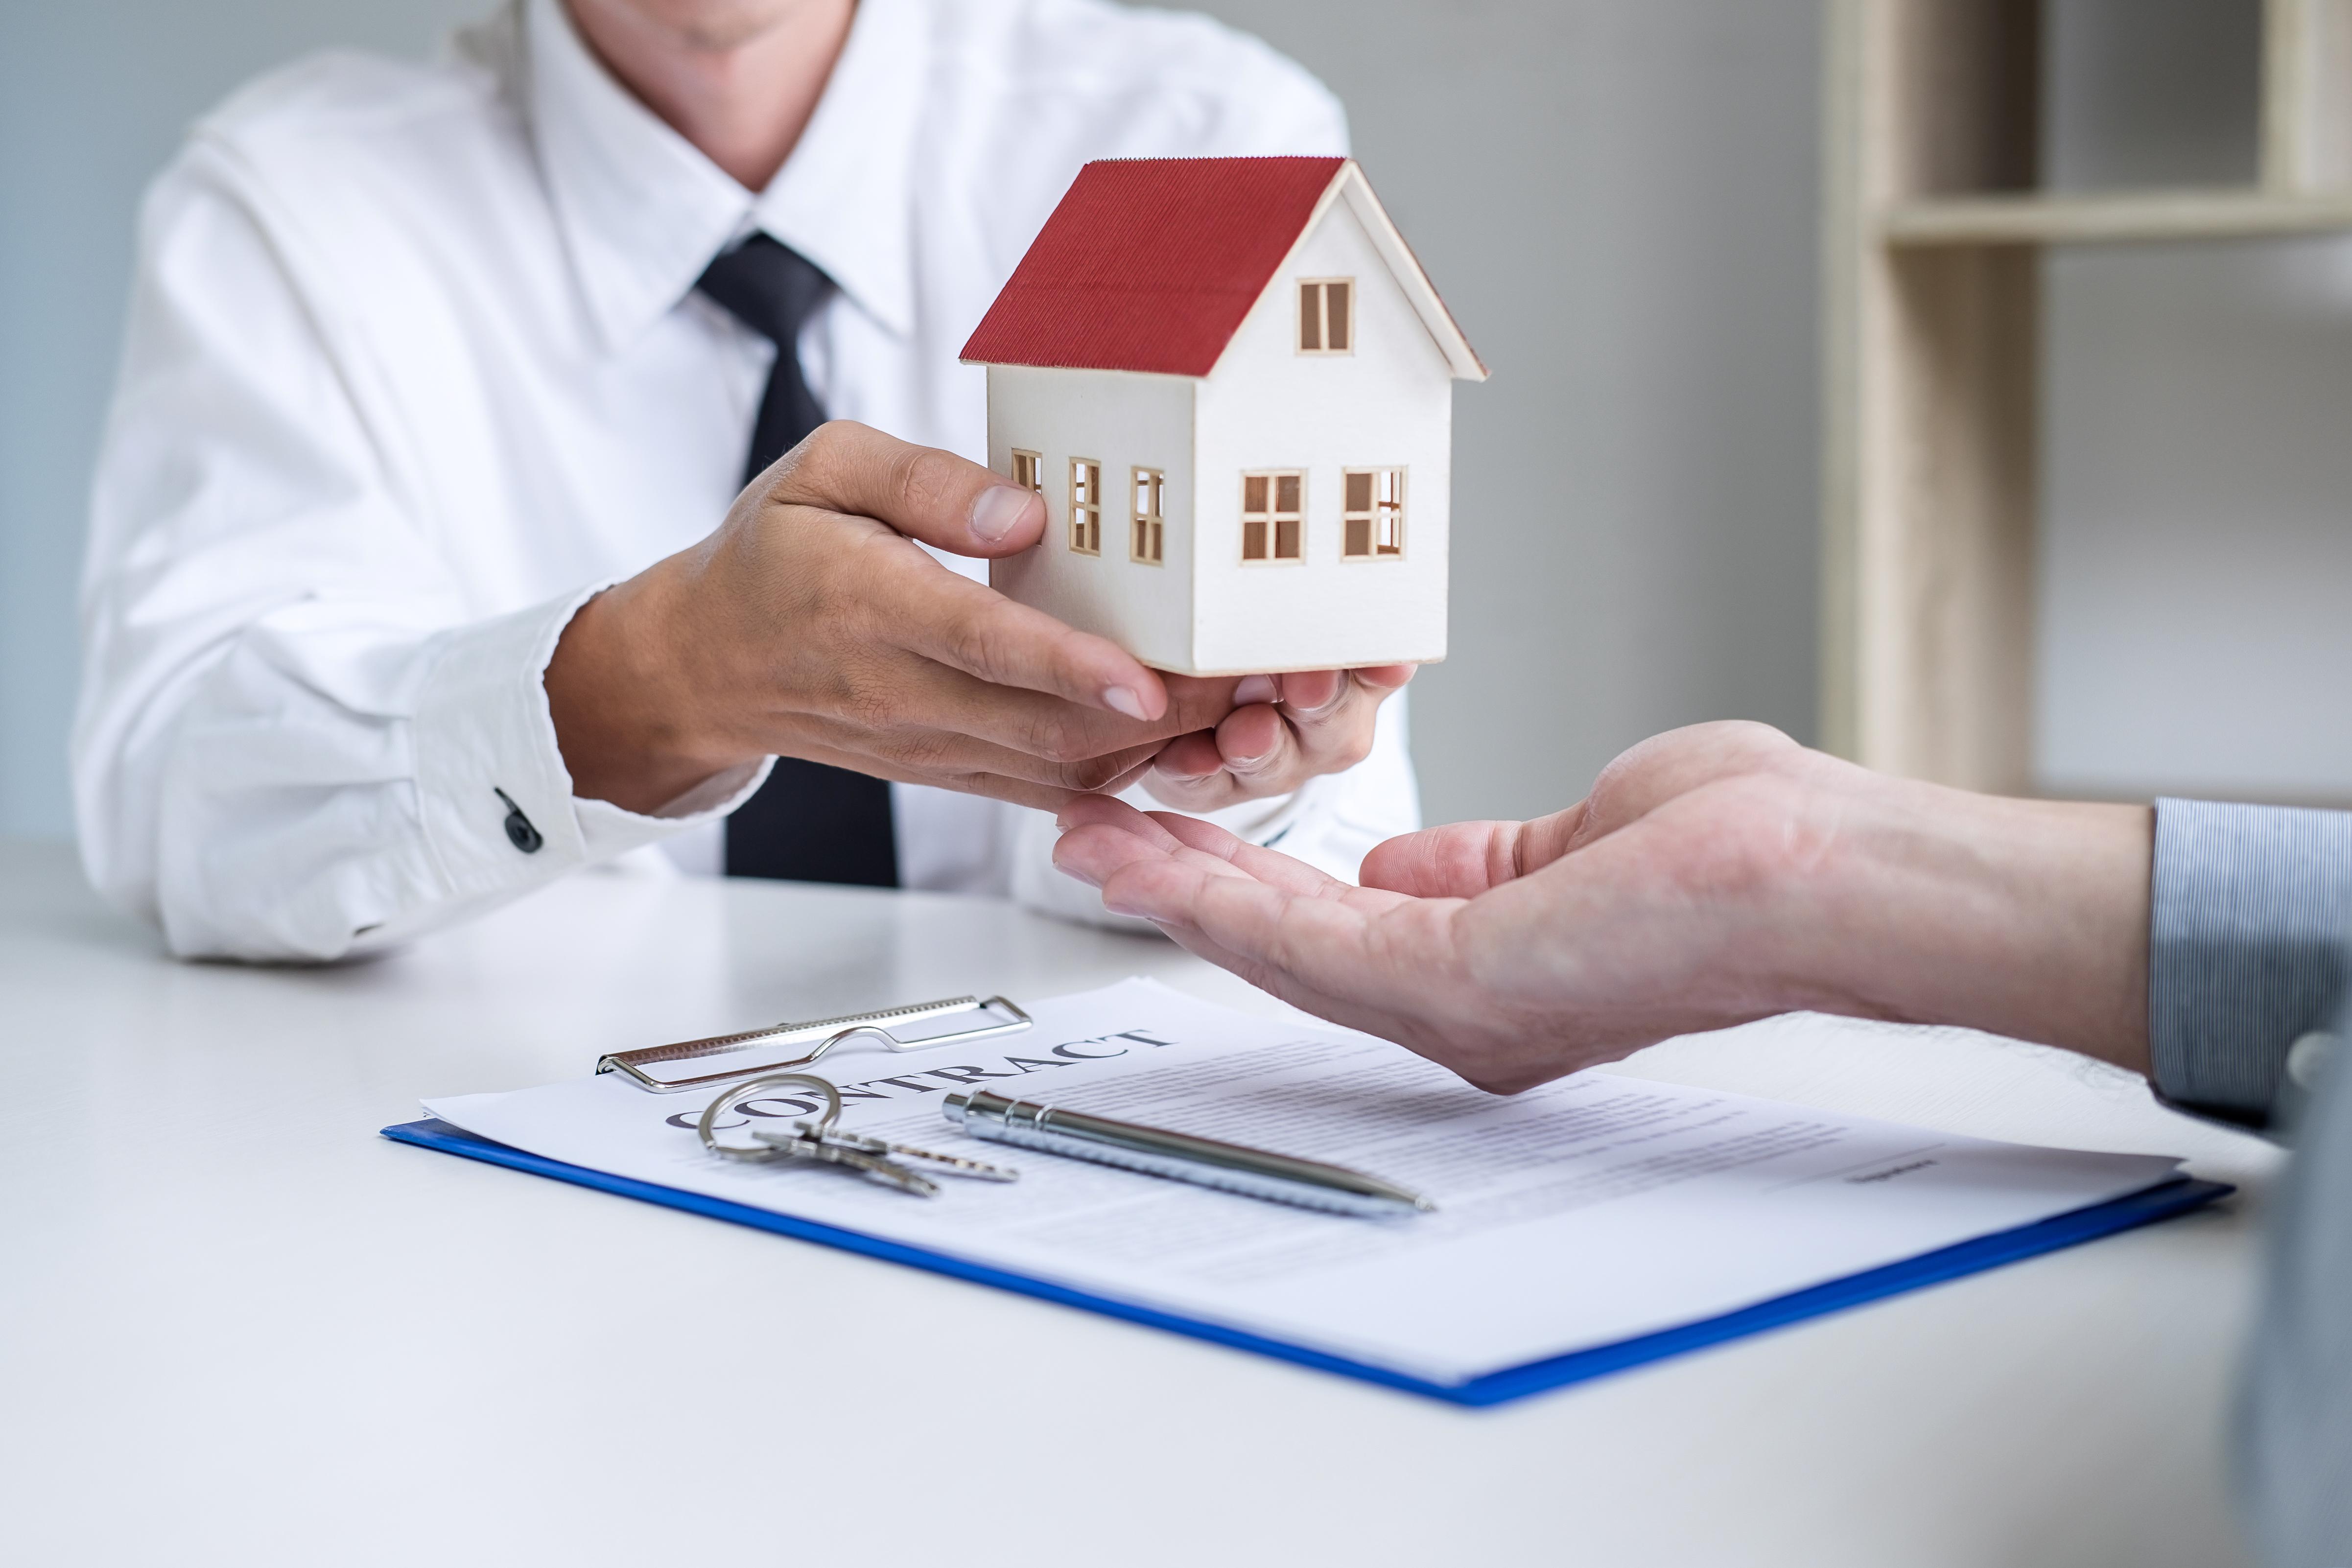 Piața de consultanță imobiliară, estimată la circa 80 de milioane de euro